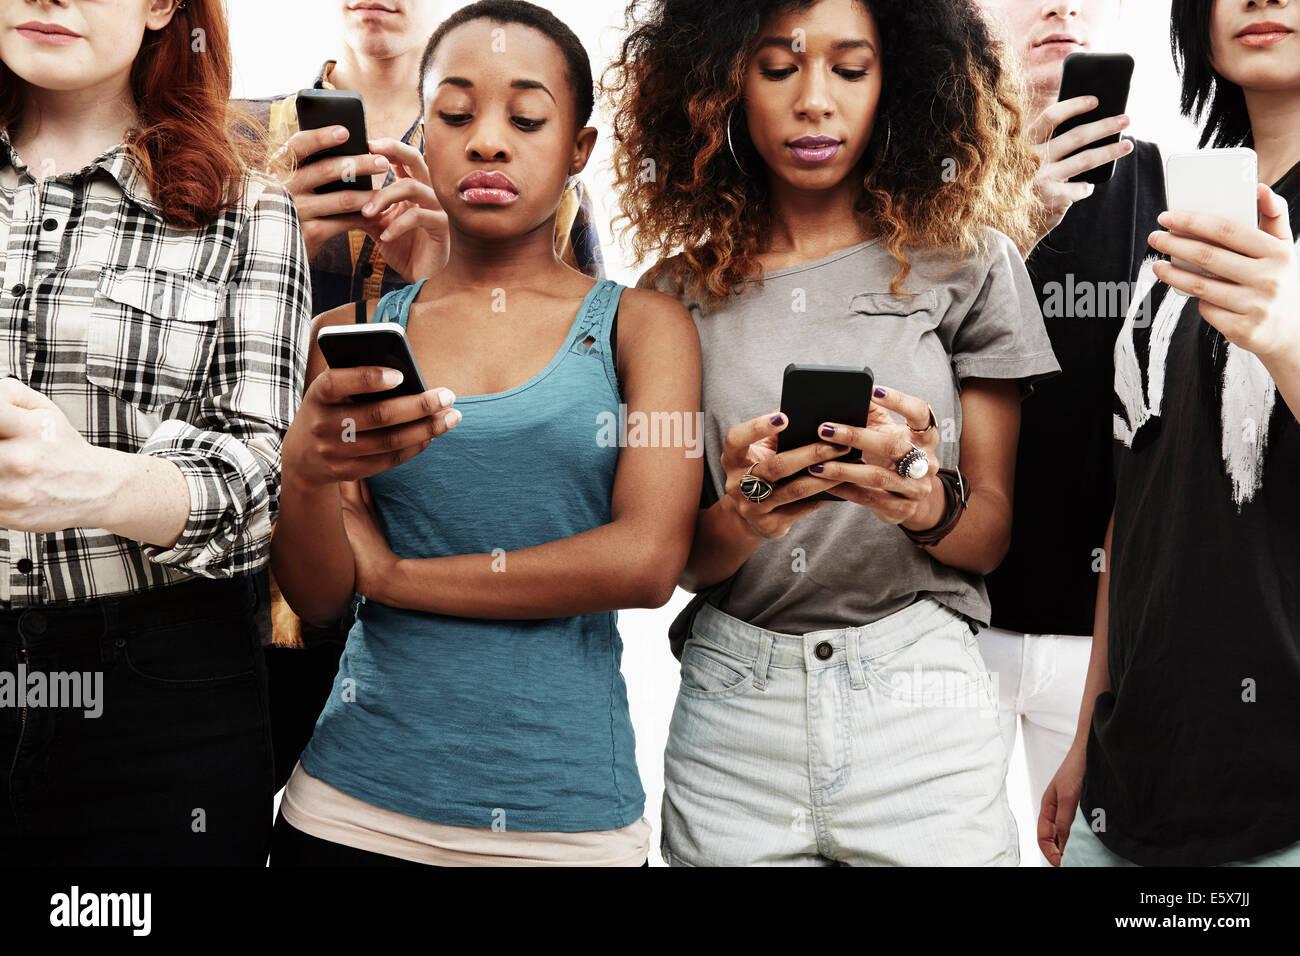 Foto de estudio de seis jóvenes adultos texting en smartphone Imagen De Stock